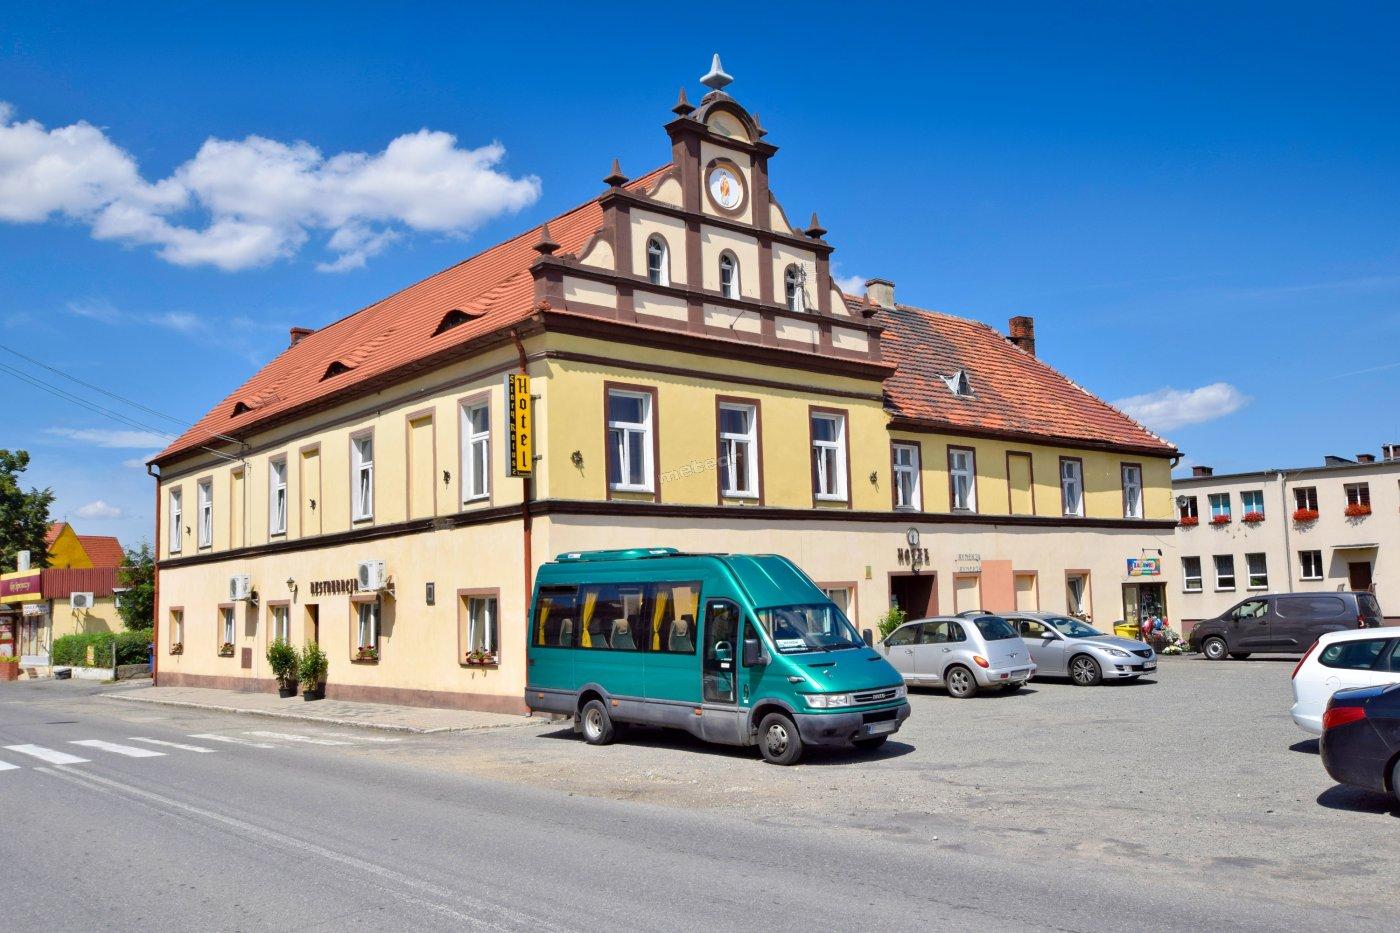 Hotel Restauracja Stary Ratusz